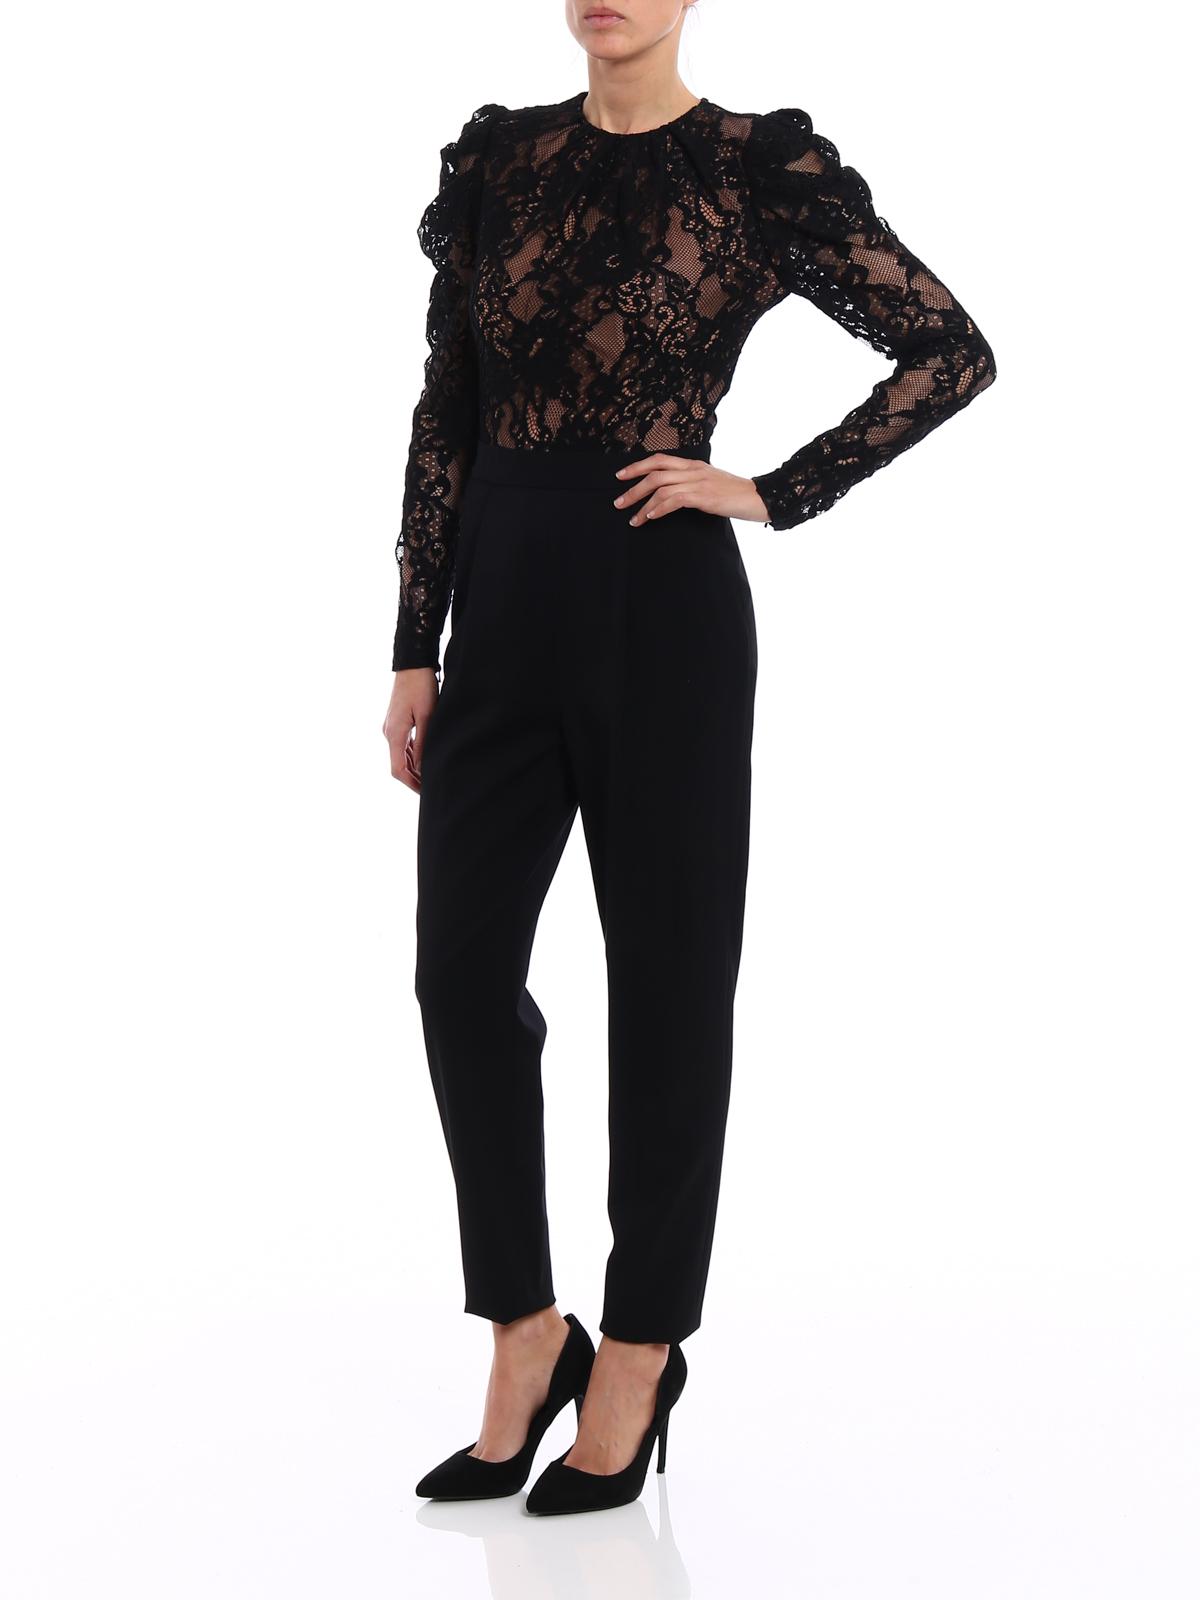 b27edf93a966 MICHAEL KORS  jumpsuits online - Floral lace long sleeve jumpsuit